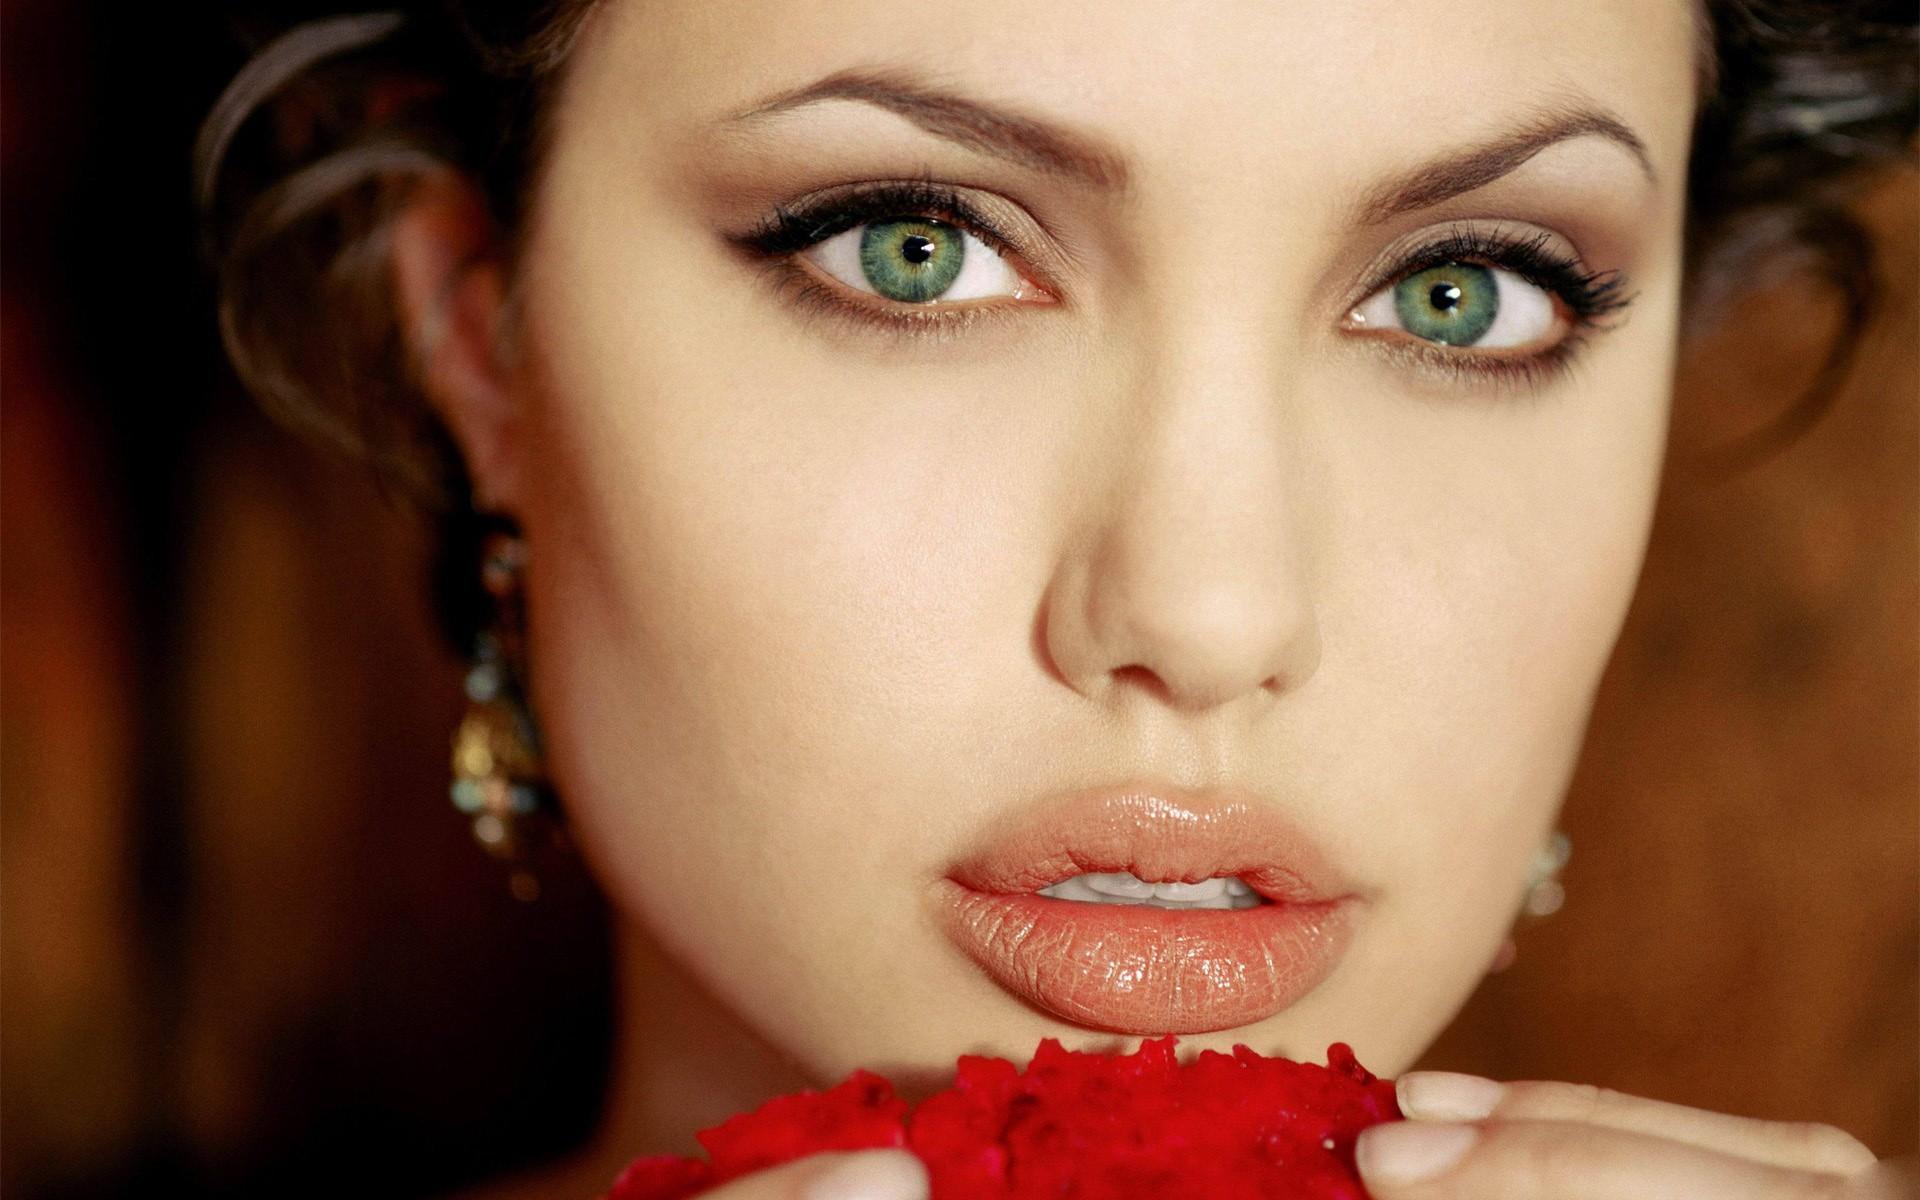 foto-krasivih-zelenoglazih-aktris-okonchanie-trusiki-foto